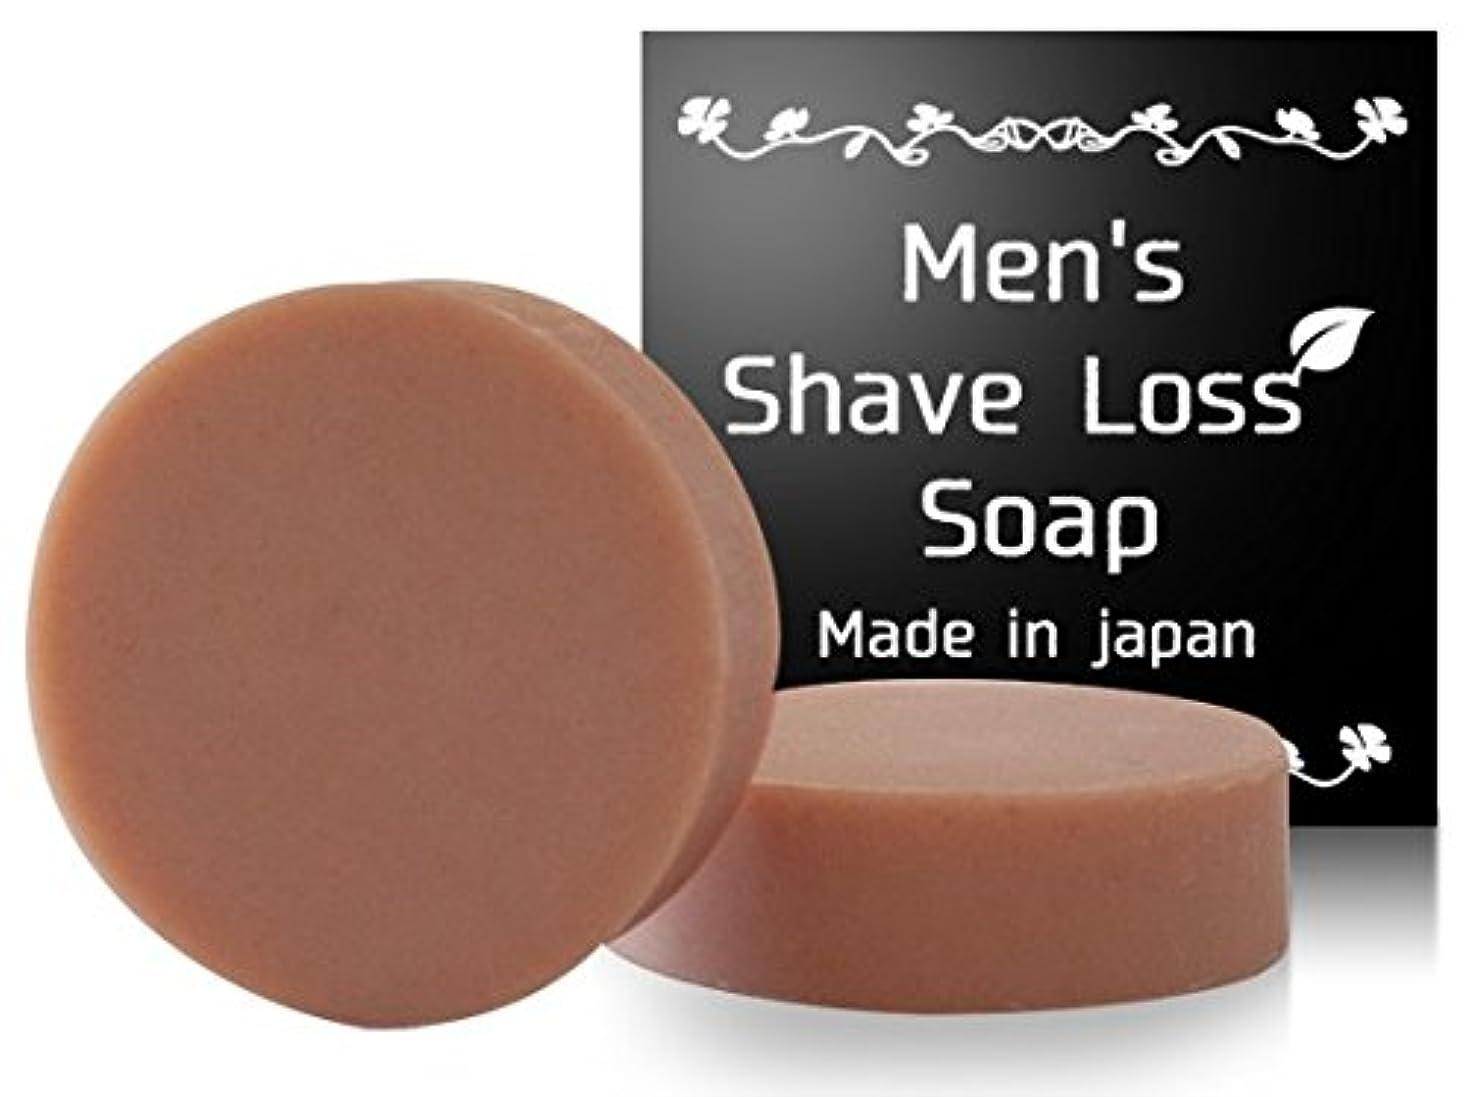 十年最もサバントMens Shave Loss Soap シェーブロス 剛毛は嫌!ツルツル過ぎも嫌! そんな夢を叶えた奇跡の石鹸! 【男性専用】(1個)